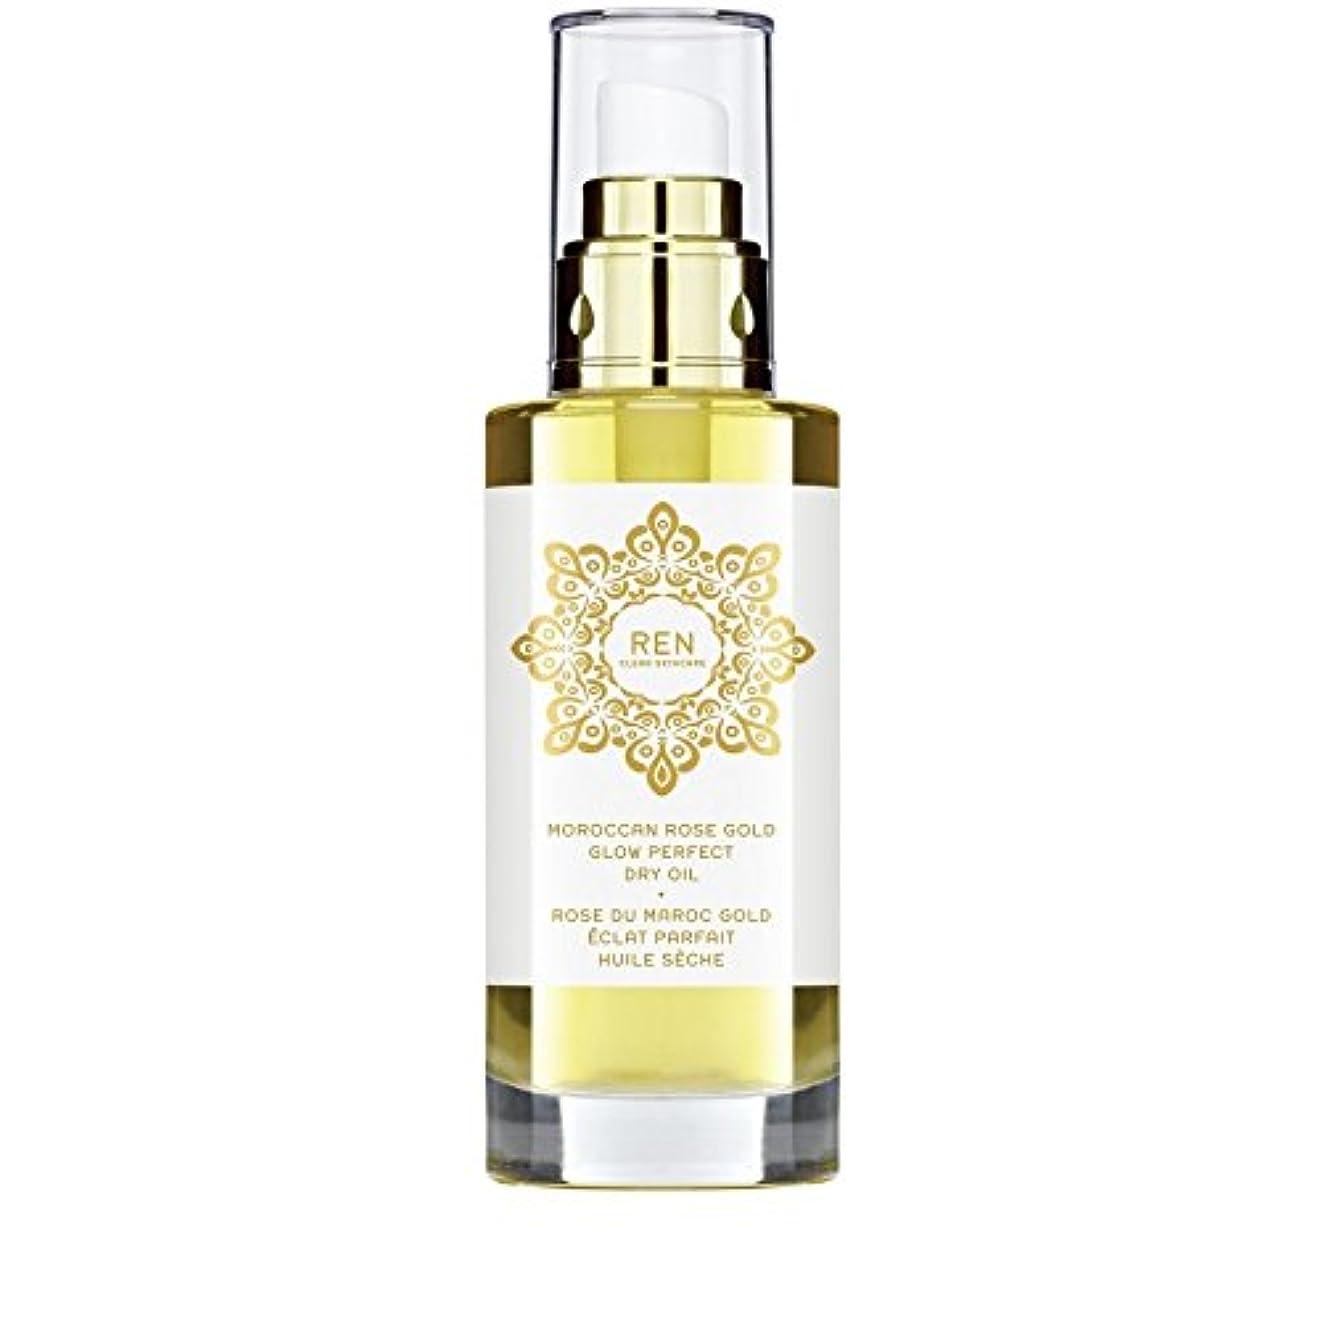 スピリチュアル先生フリッパーREN Moroccan Rose Gold Glow Perfect Dry Oil 100ml (Pack of 6) - モロッコは金が完璧なドライオイル100ミリリットルグローバラ x6 [並行輸入品]